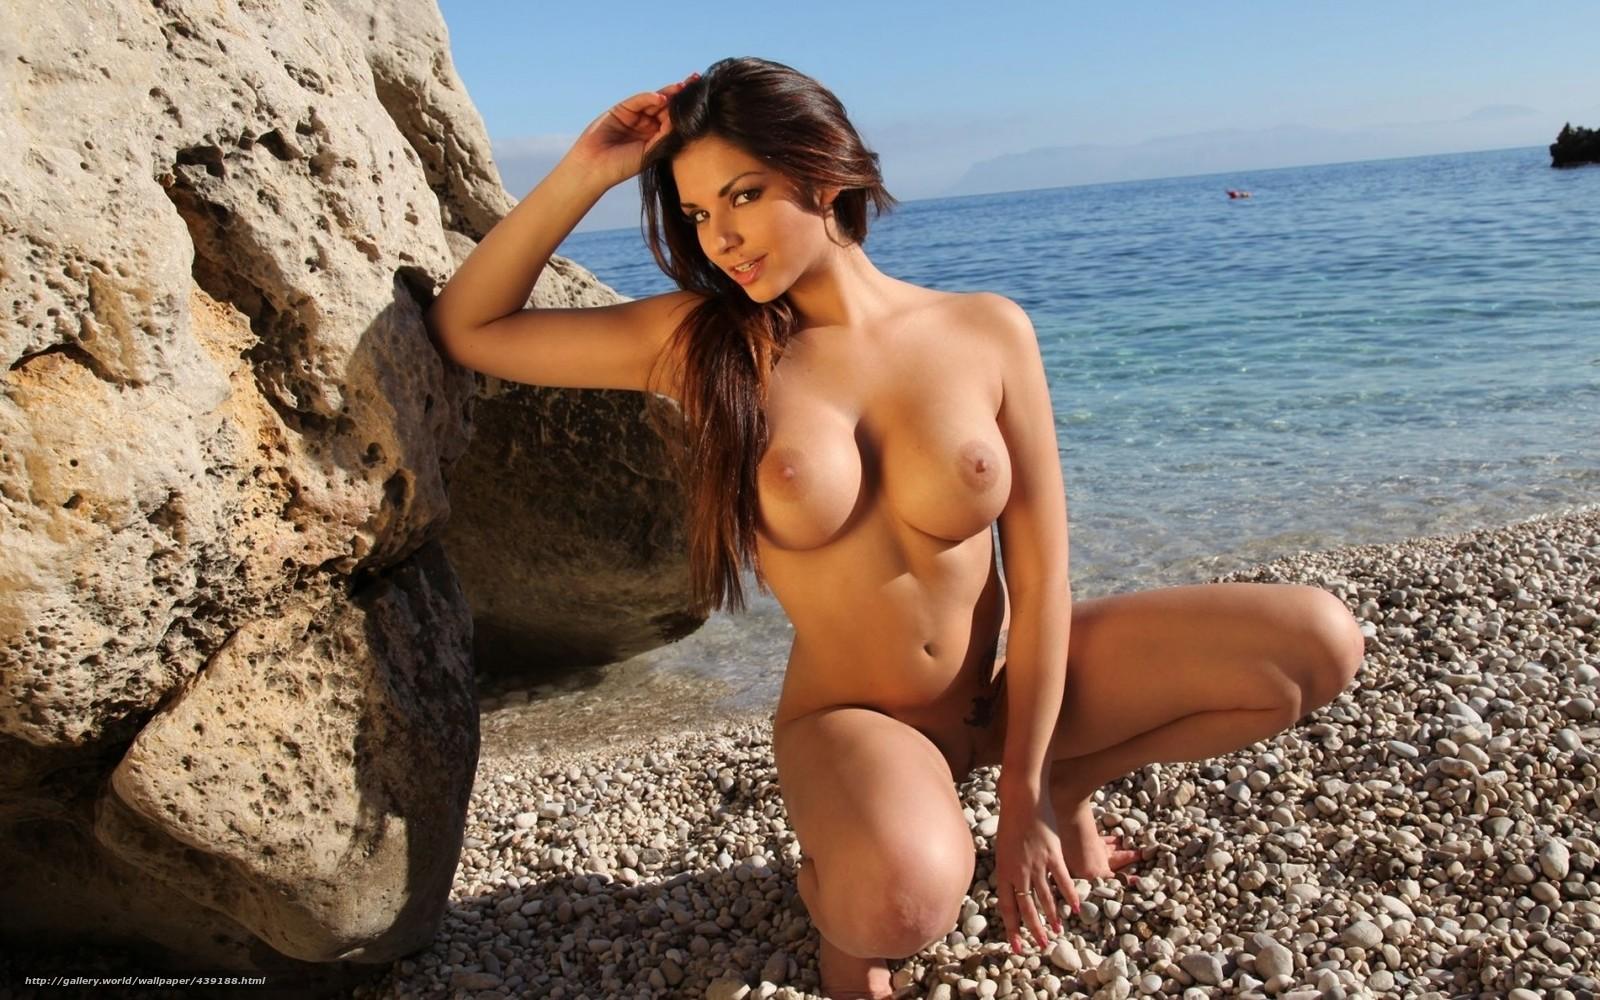 Хочу посмотреть большие женские тела голи бесплатно 11 фотография